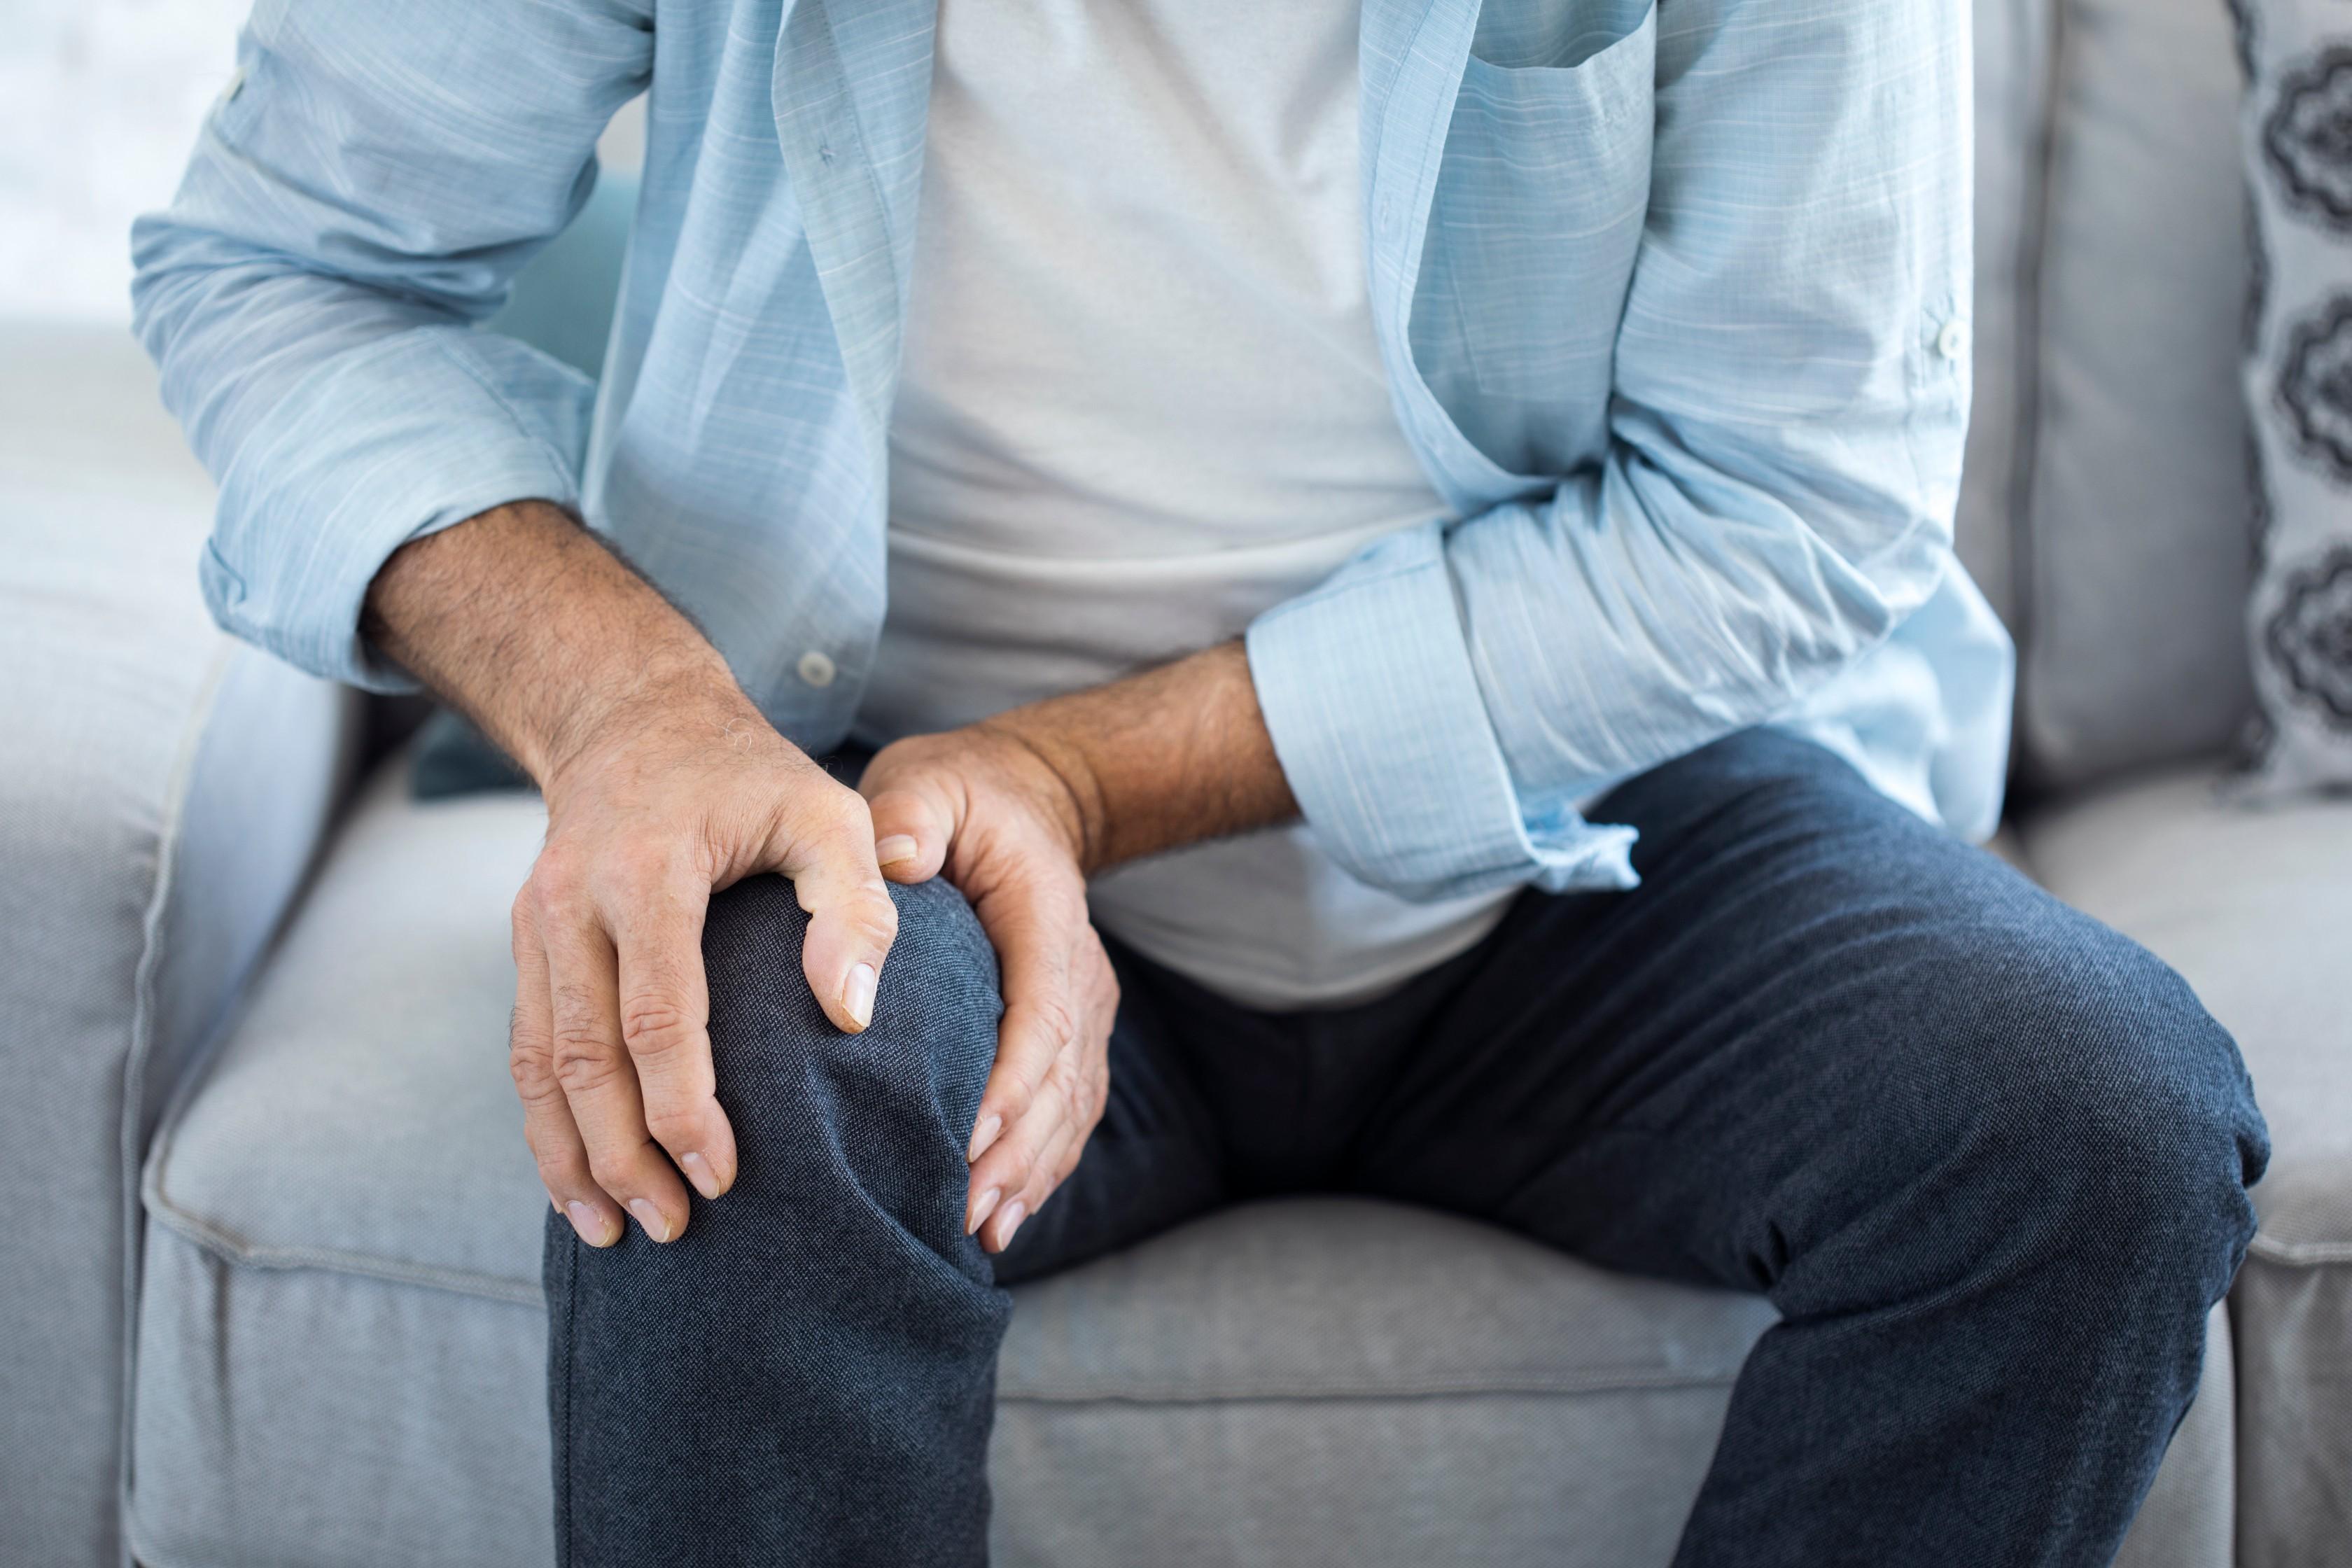 segít az arthra ízületi fájdalmak esetén